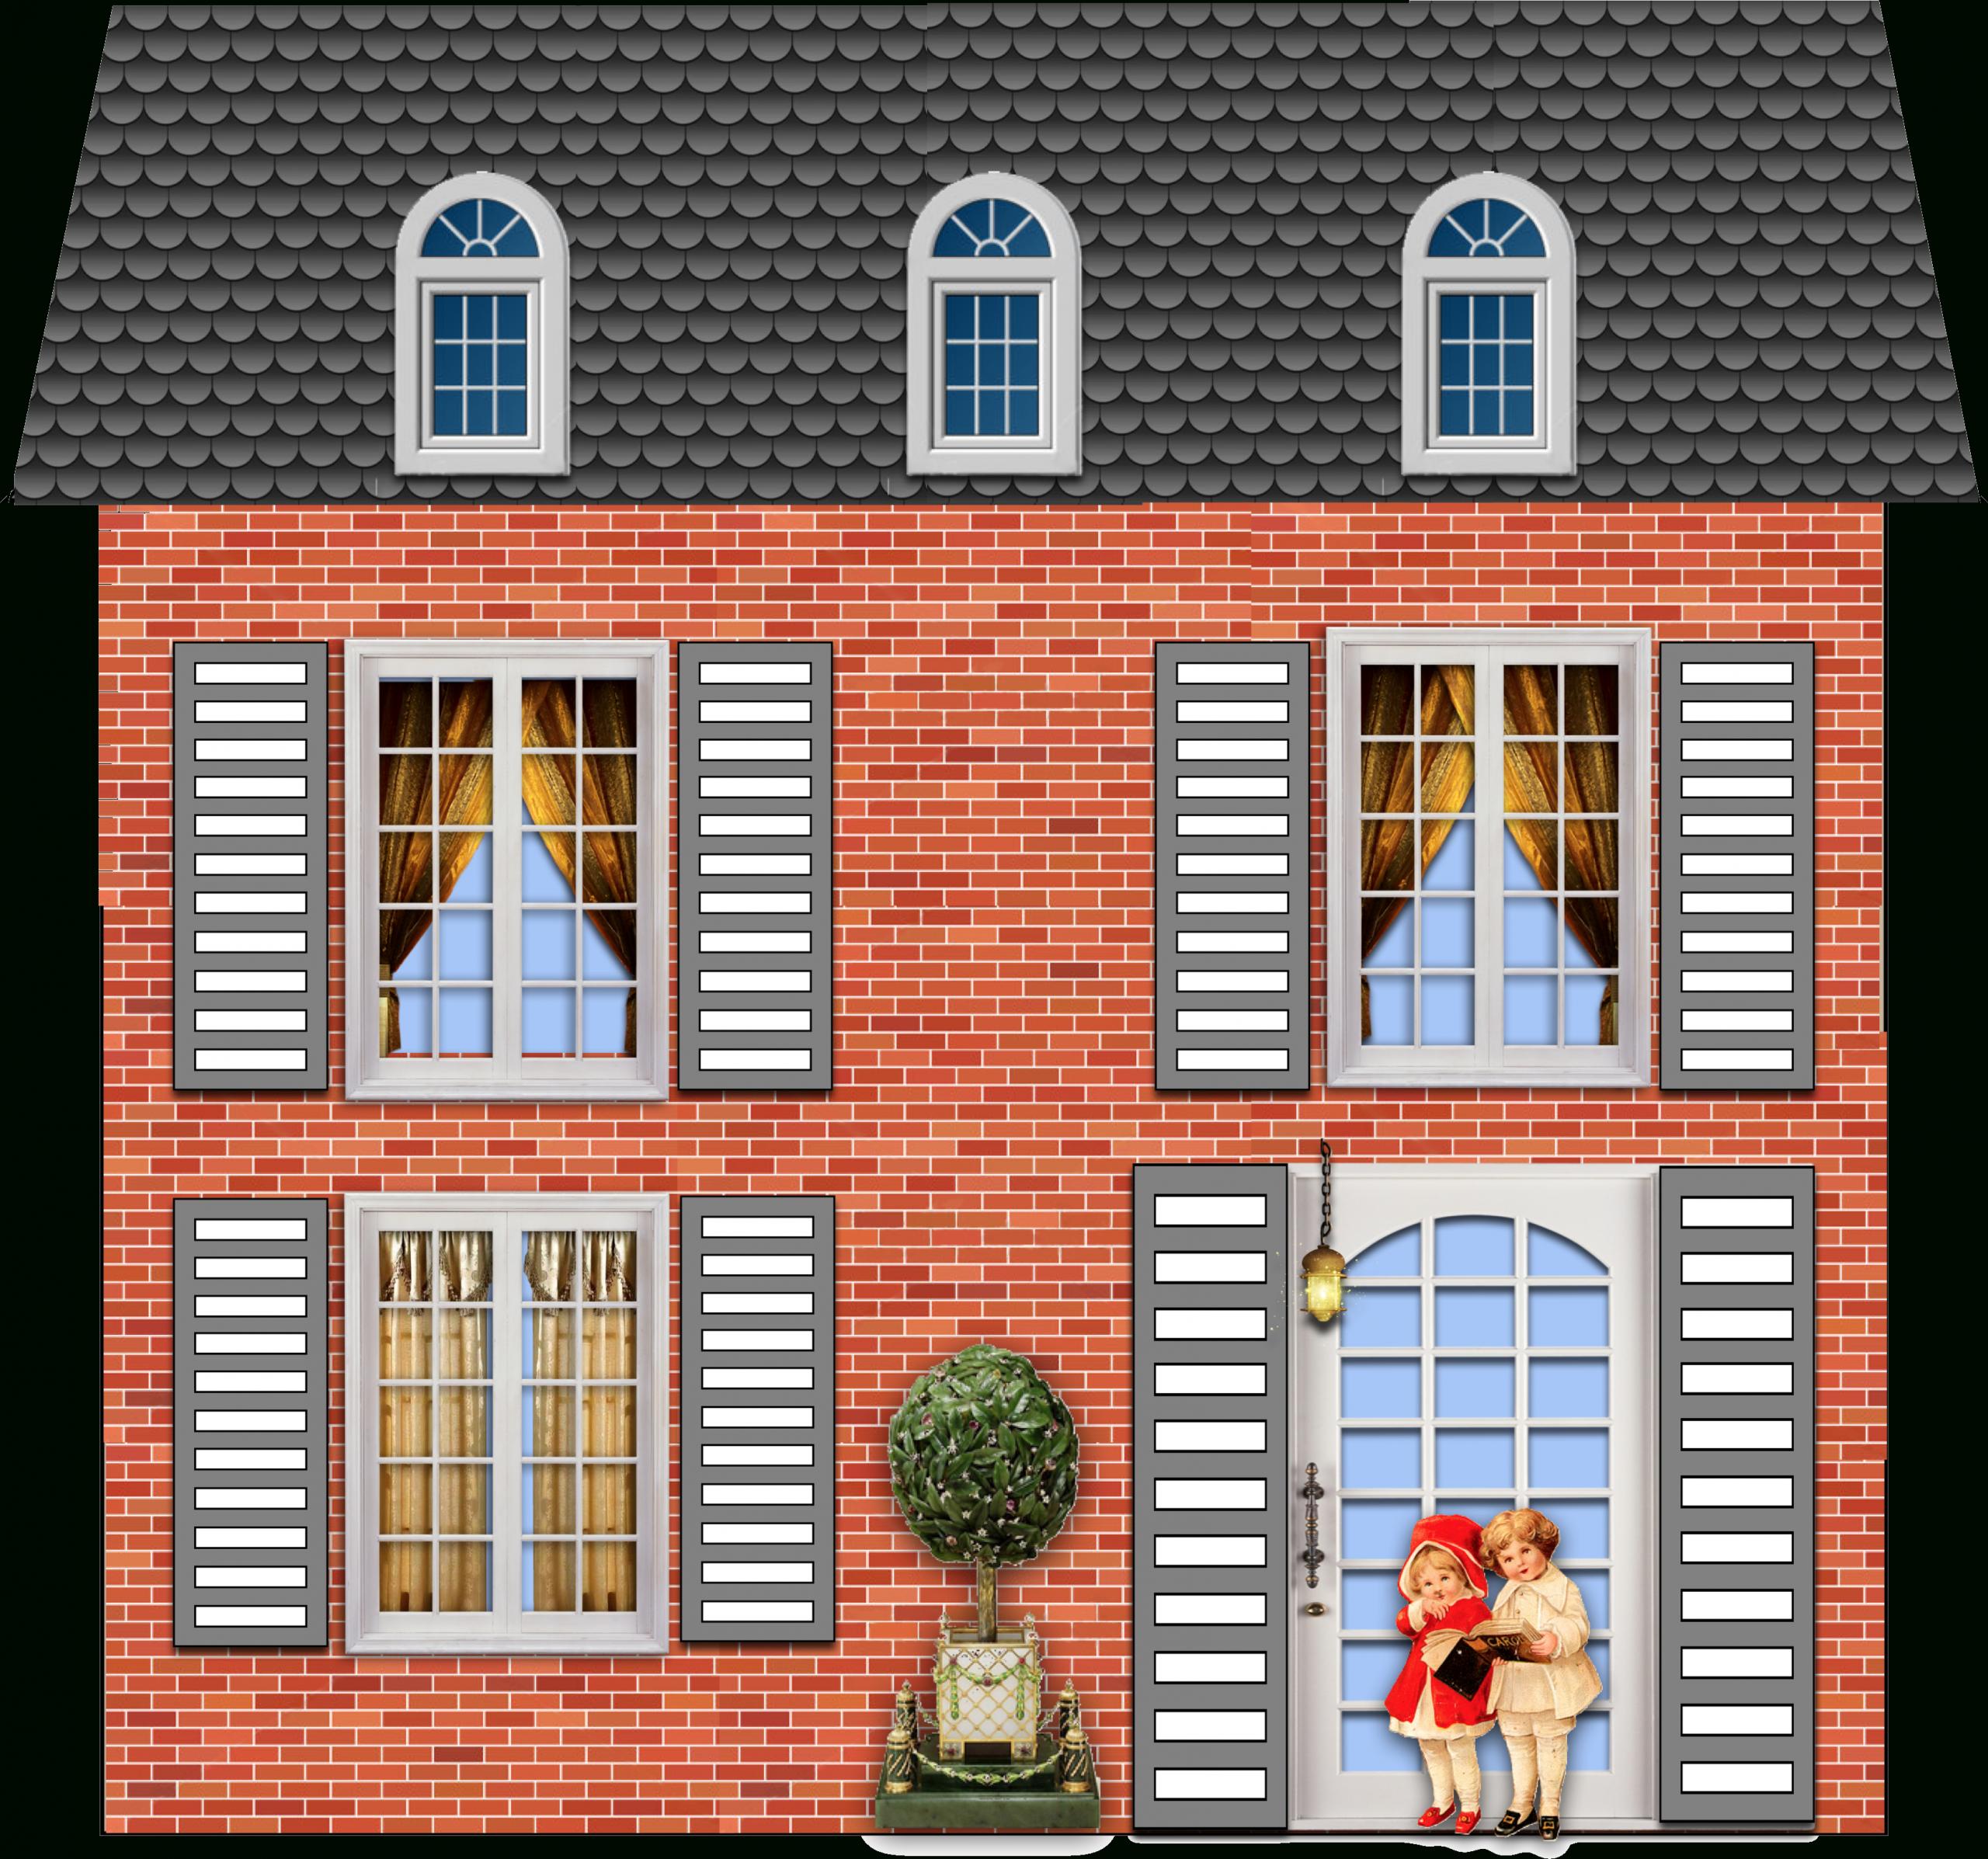 Nouvelles Petites Maisons À Imprimer Et Découper destiné Maison Papier A Decouper